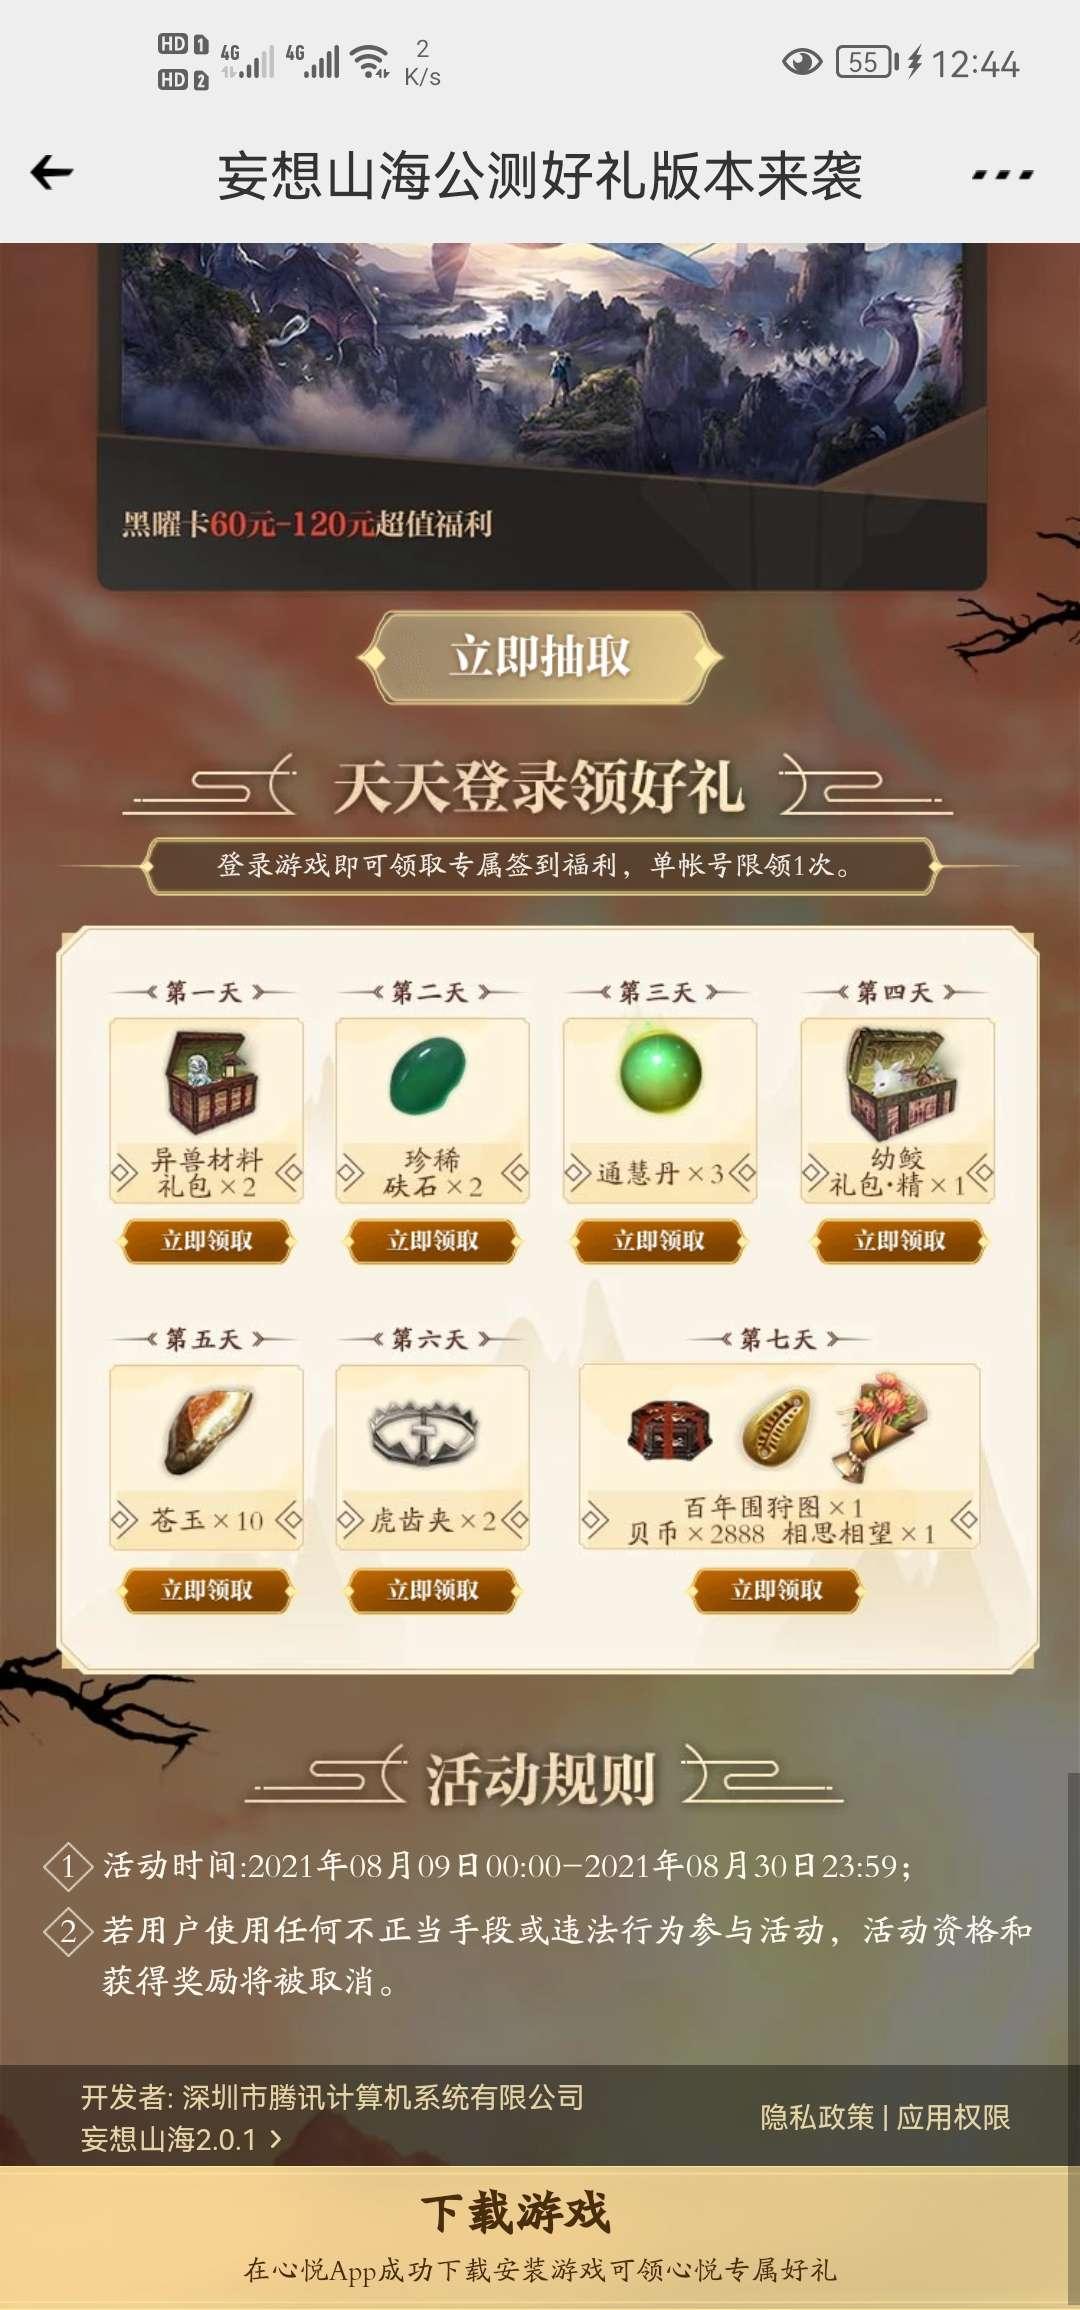 【虚拟商品】臆想山河手游游戏申请注册领到8-188Q币插图